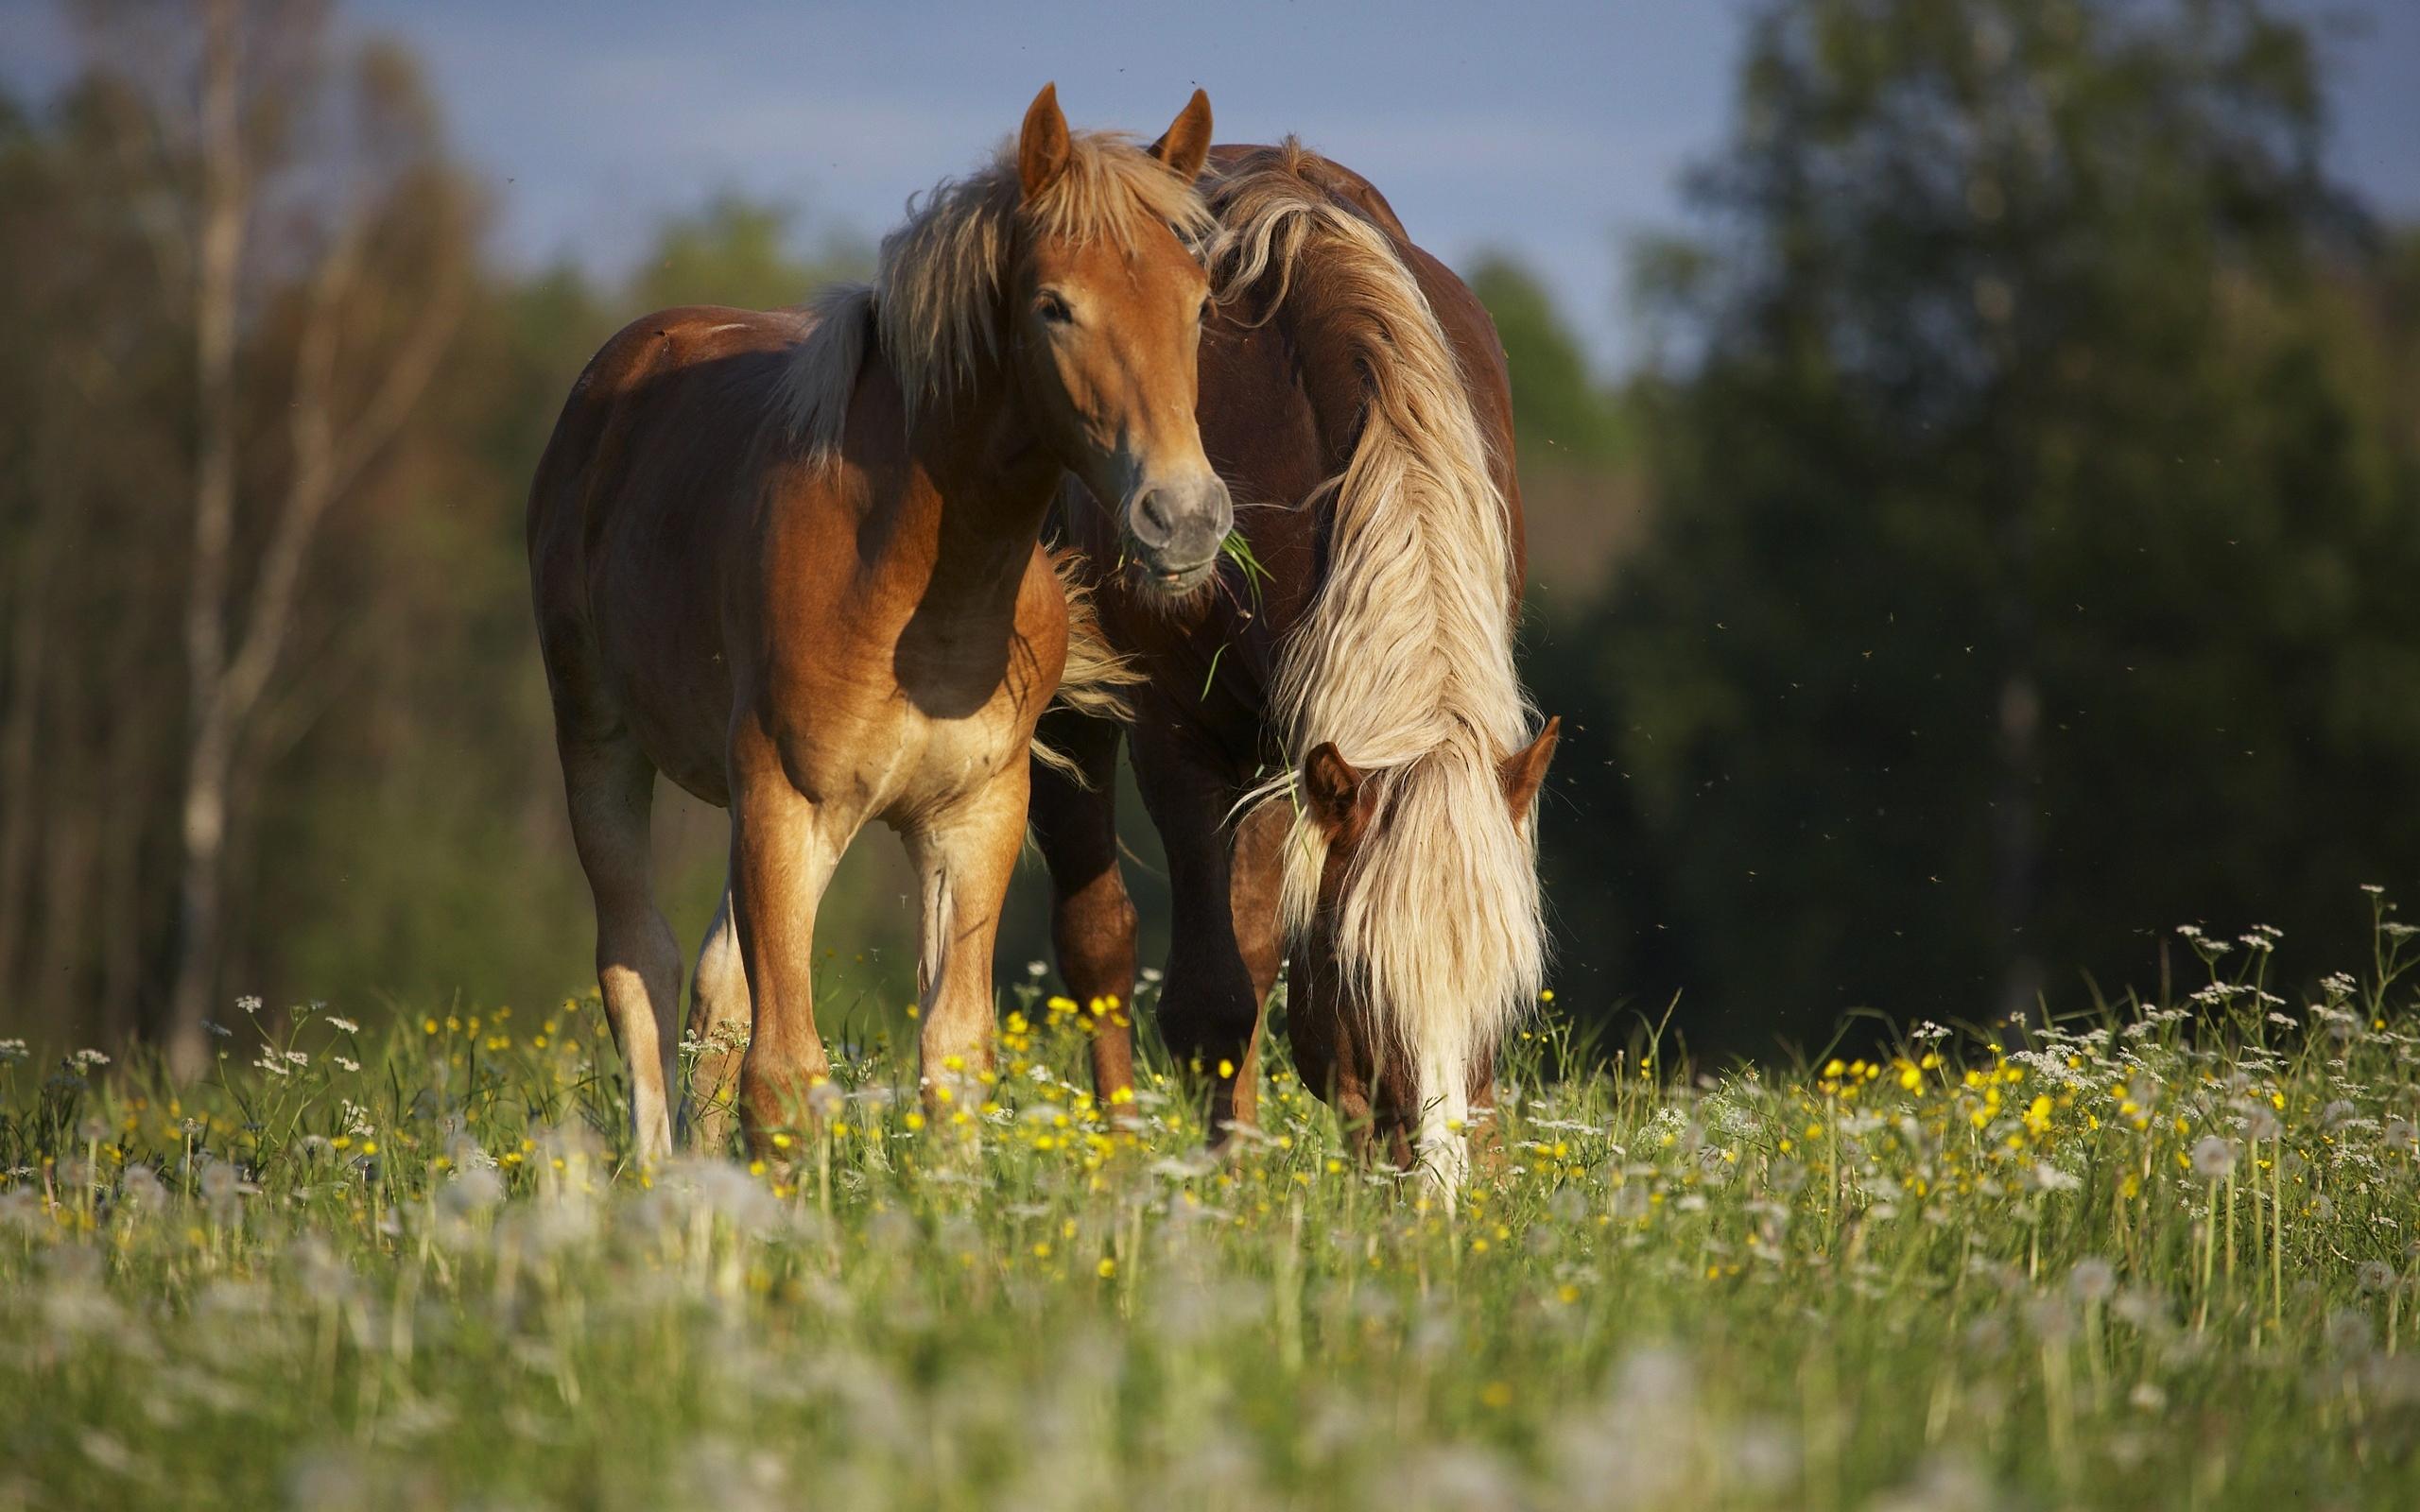 http://www.rabstol.net/uploads/gallery/main/70/rabstol_net_horse_05.jpg